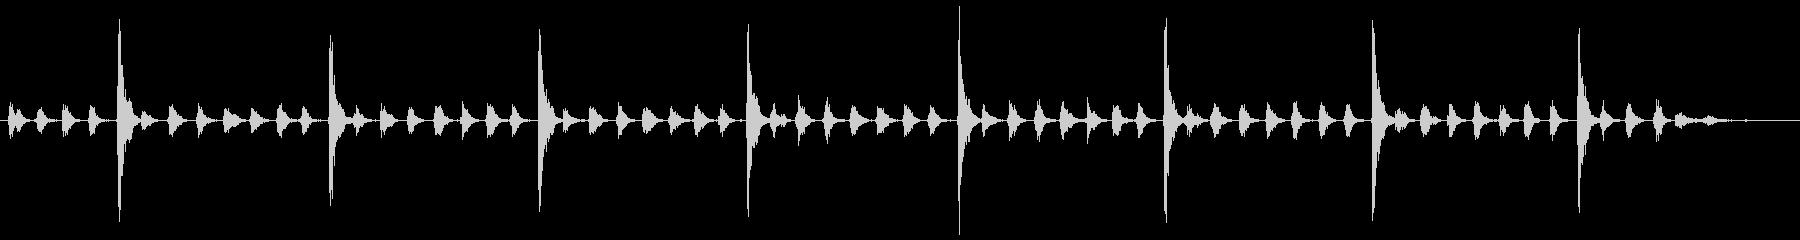 タンバリン:木:リズム、タンバリン音楽の未再生の波形